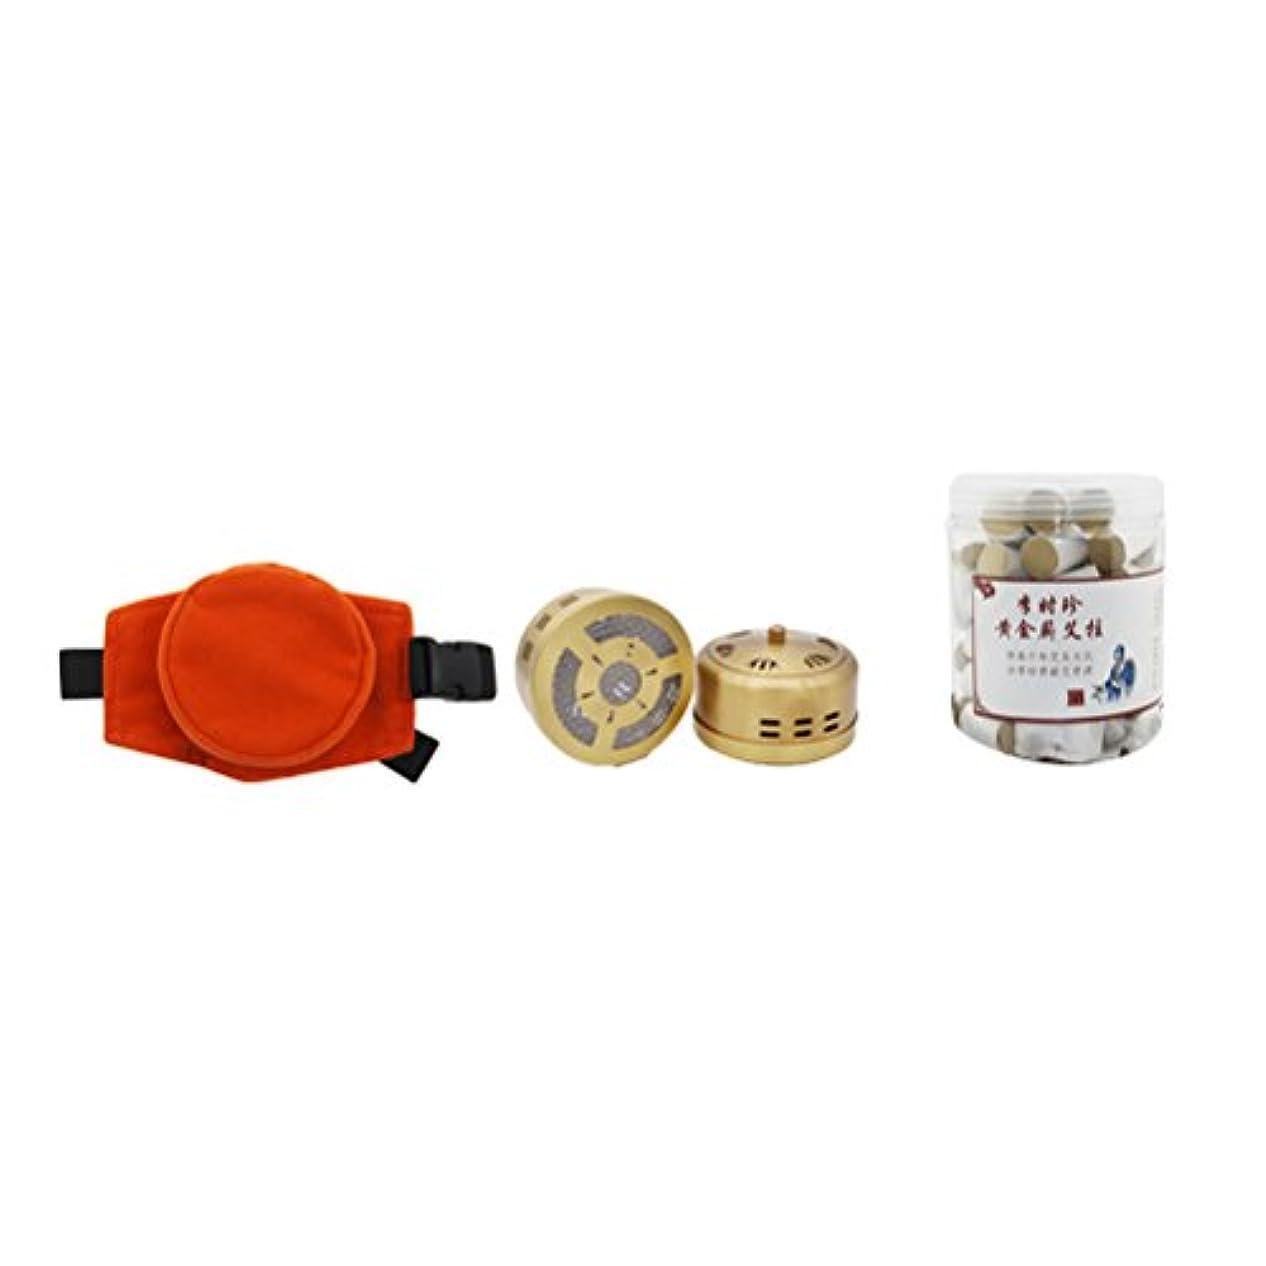 シャベル価格ロケット灸スティックバーナーボックス無煙Moxa清浄器銅タンク調節可能なポケットと60個の腰部頚部の膝関節炎痛み緩和のための灸棒の灸治療の箱